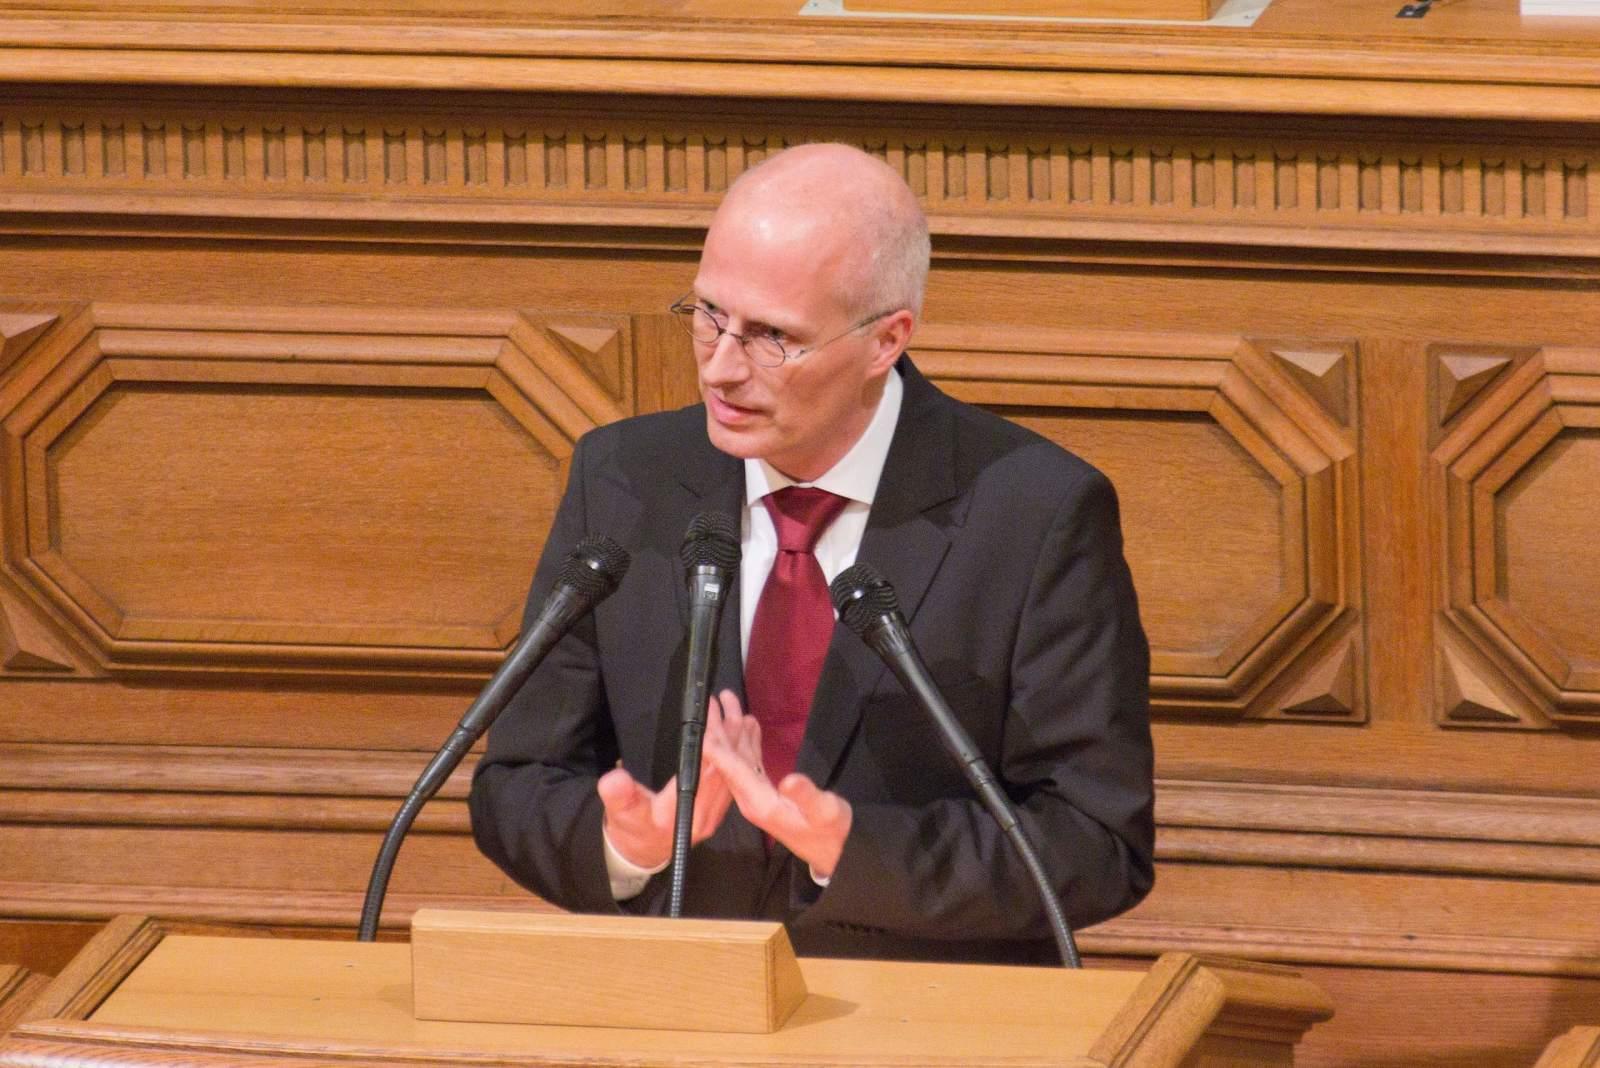 Peter Tschentscher von der SPD, verstrickt in den Cum Ex-Skandal?